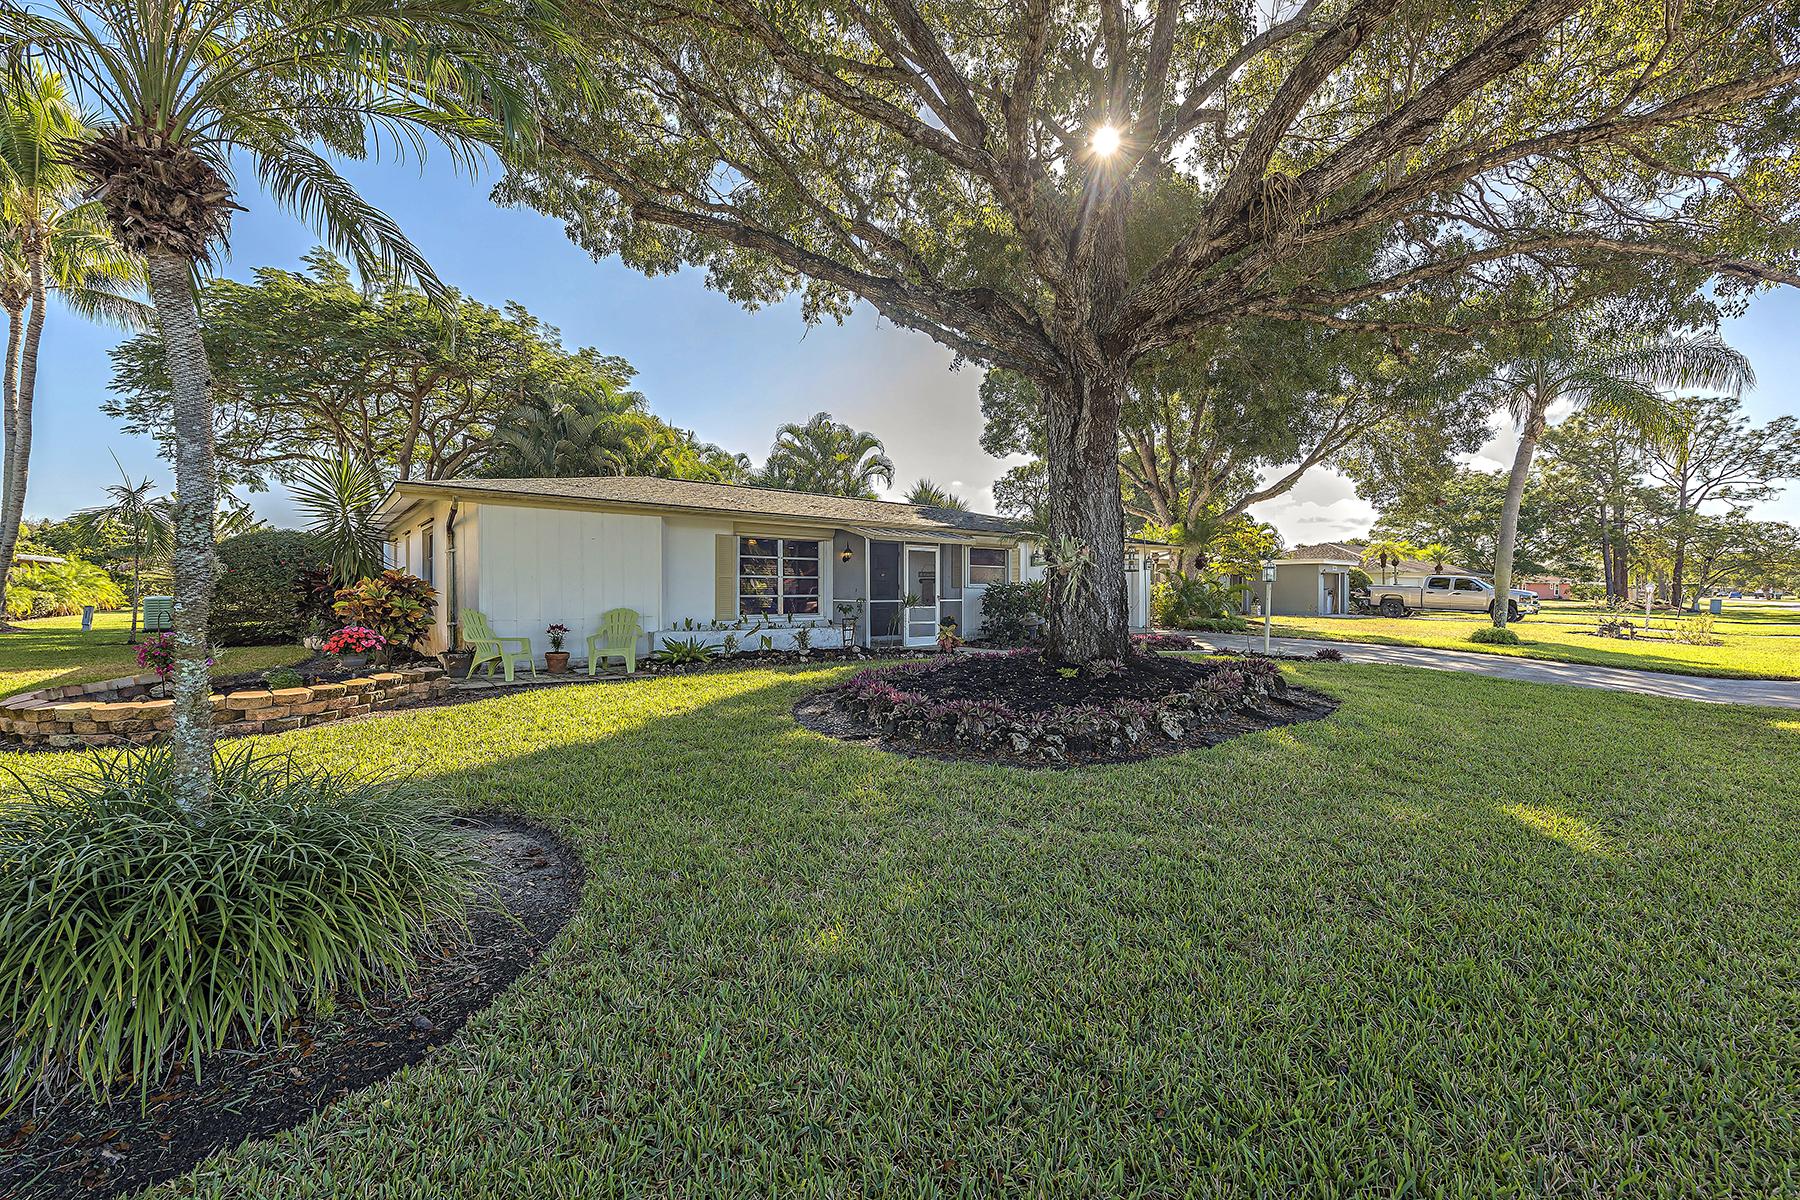 Частный односемейный дом для того Продажа на 4805 Hawaii Blvd , Naples, FL 34112 4805 Hawaii Blvd Naples, Флорида, 34112 Соединенные Штаты